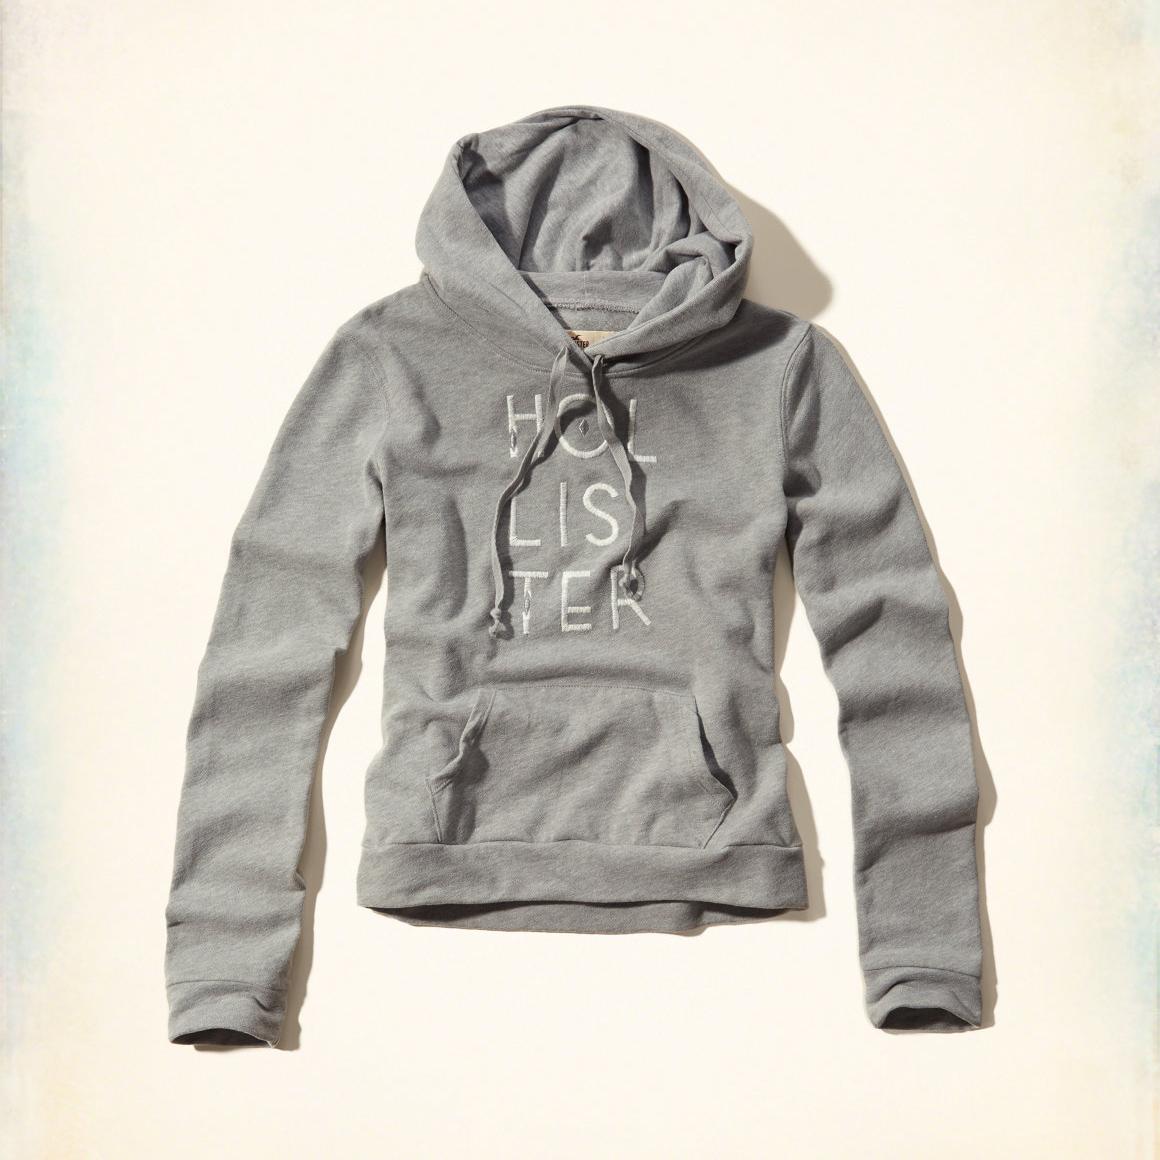 美國百分百【全新真品】Hollister Co. 帽T HCO 連帽 長袖 T恤 海鷗 灰色 女 XS號 特價 F800